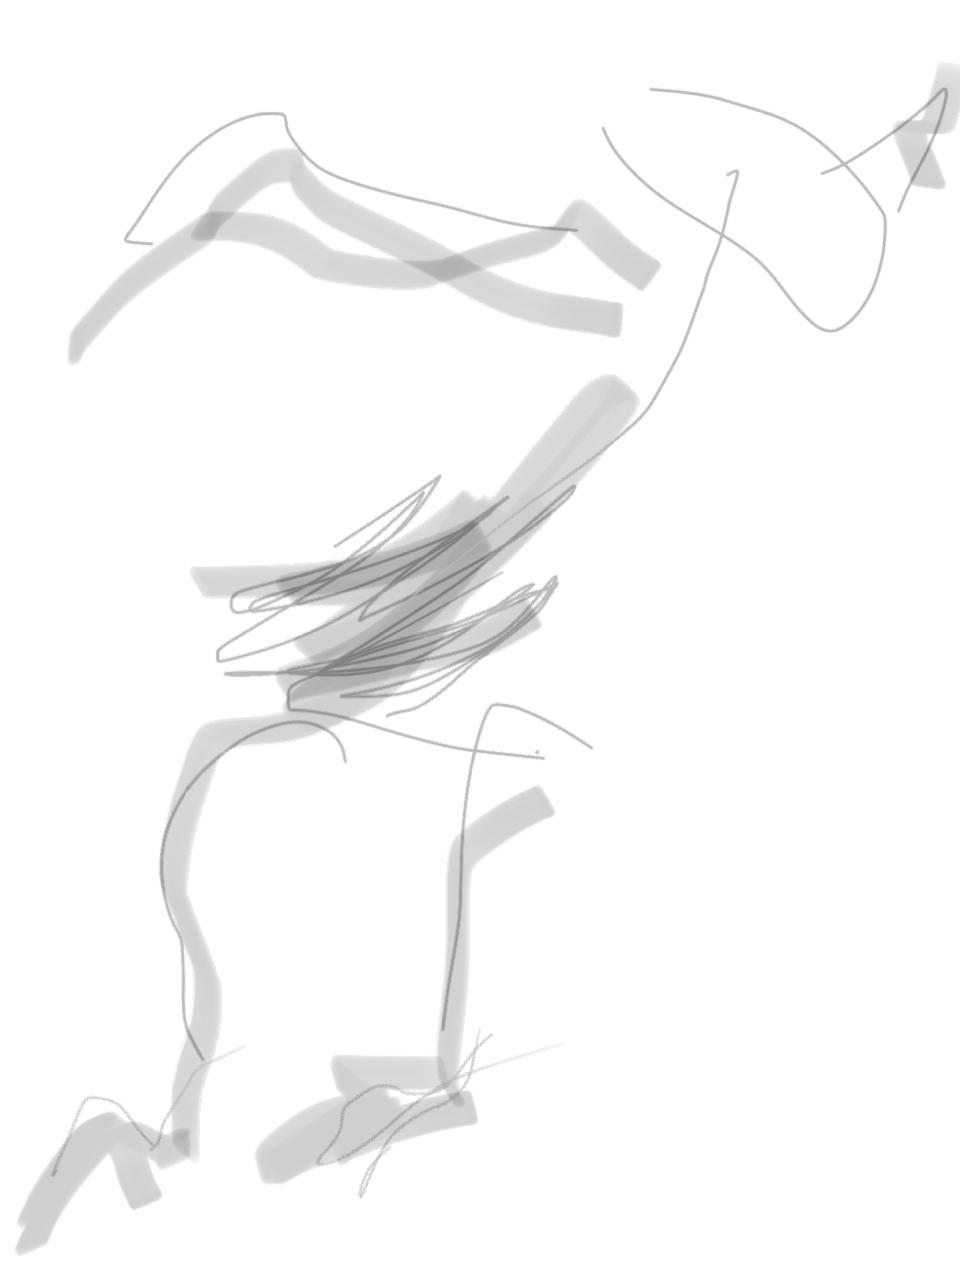 fluorite body sketch 2.jpg